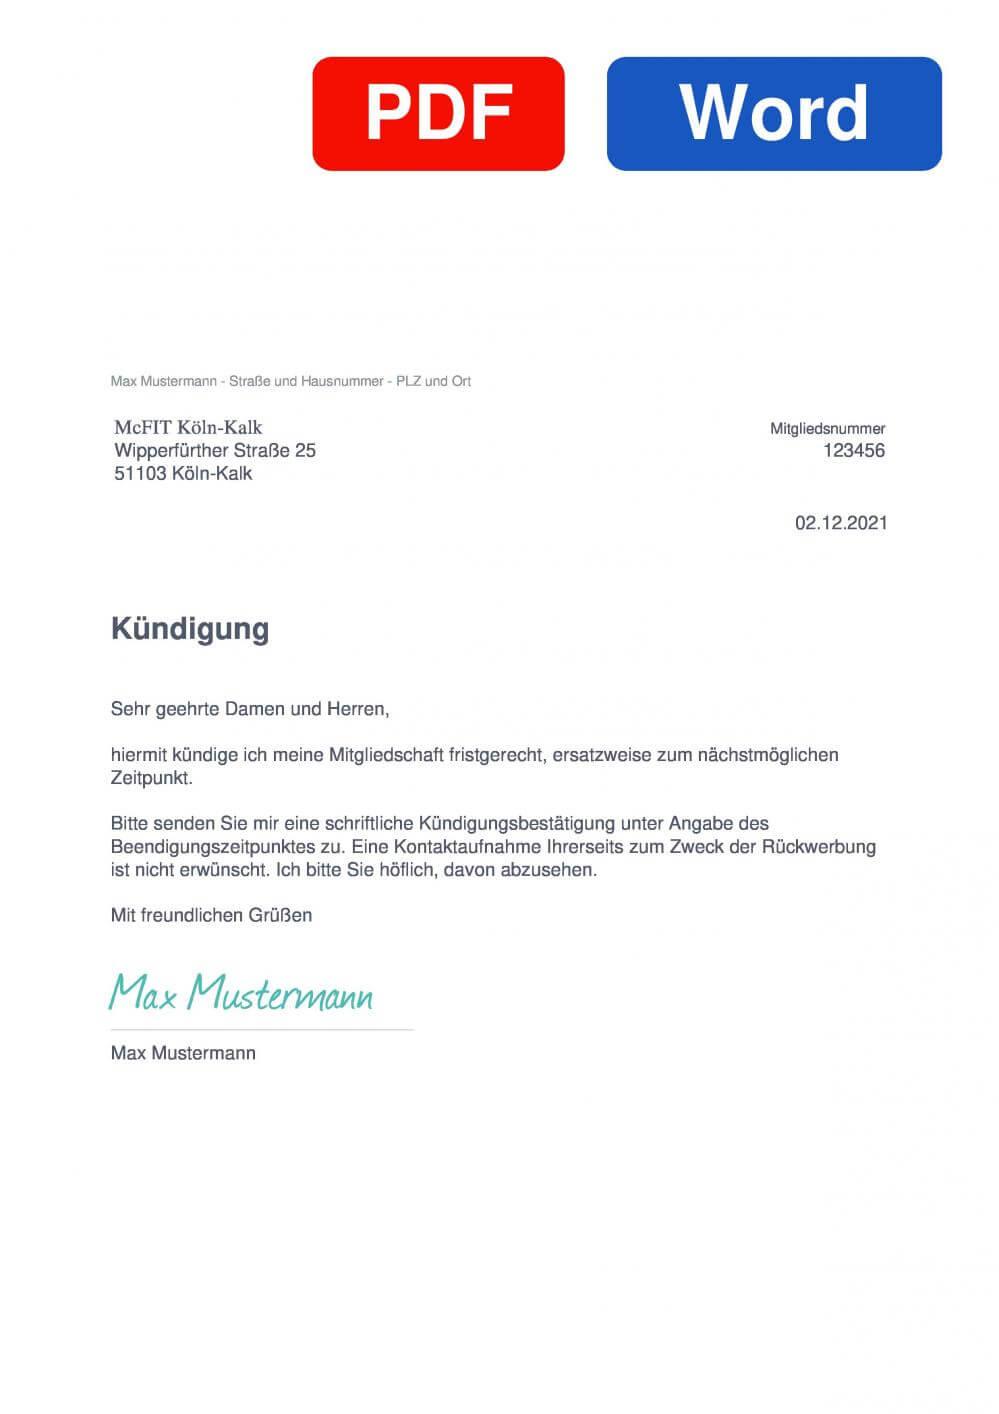 McFIT Köln-Kalk Muster Vorlage für Kündigungsschreiben